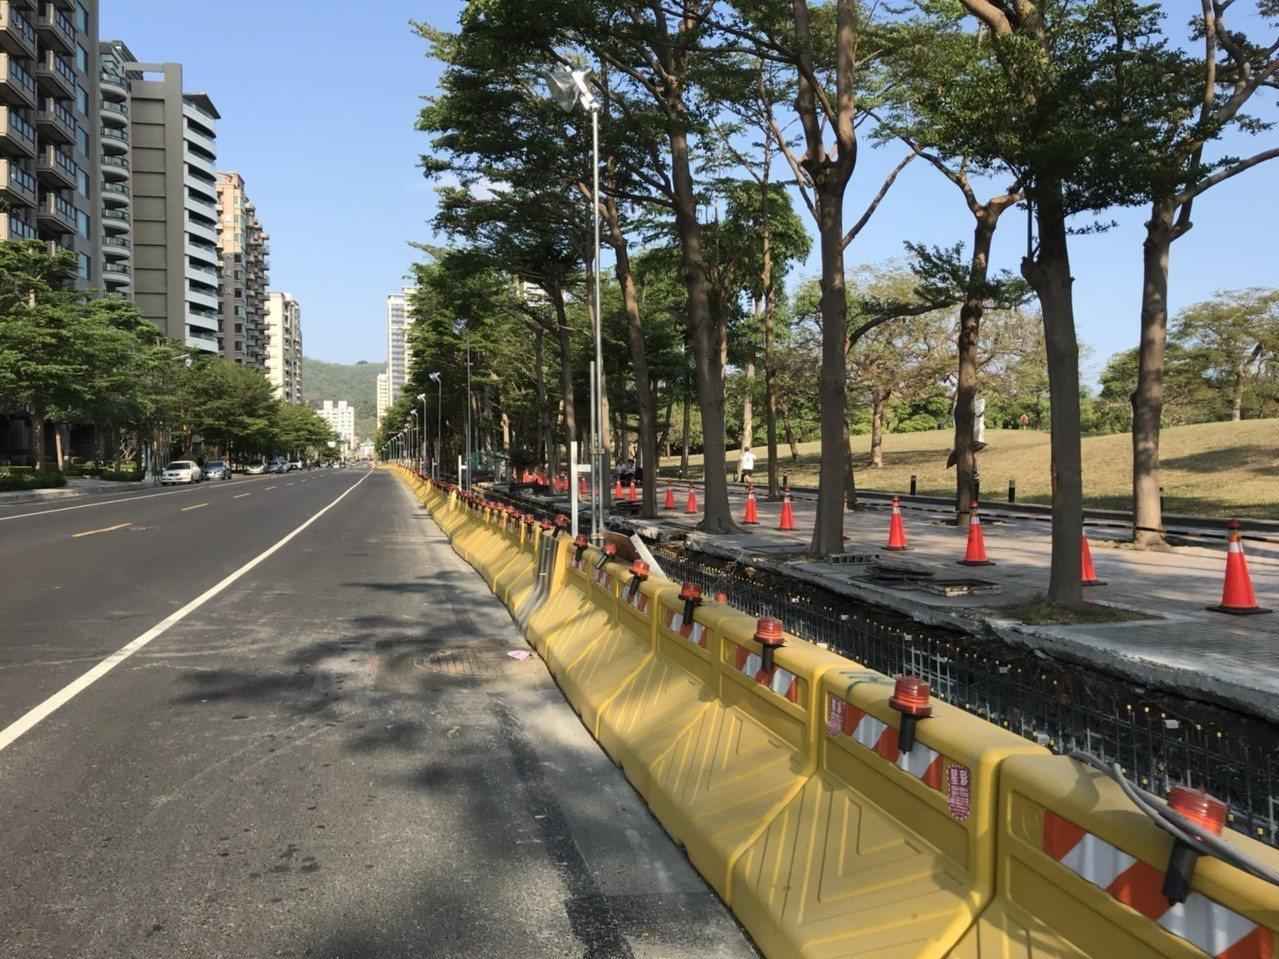 高雄輕軌二階行經美術館路段,目前正在進行人行道削減工程,以維持美術館路單向行車空...